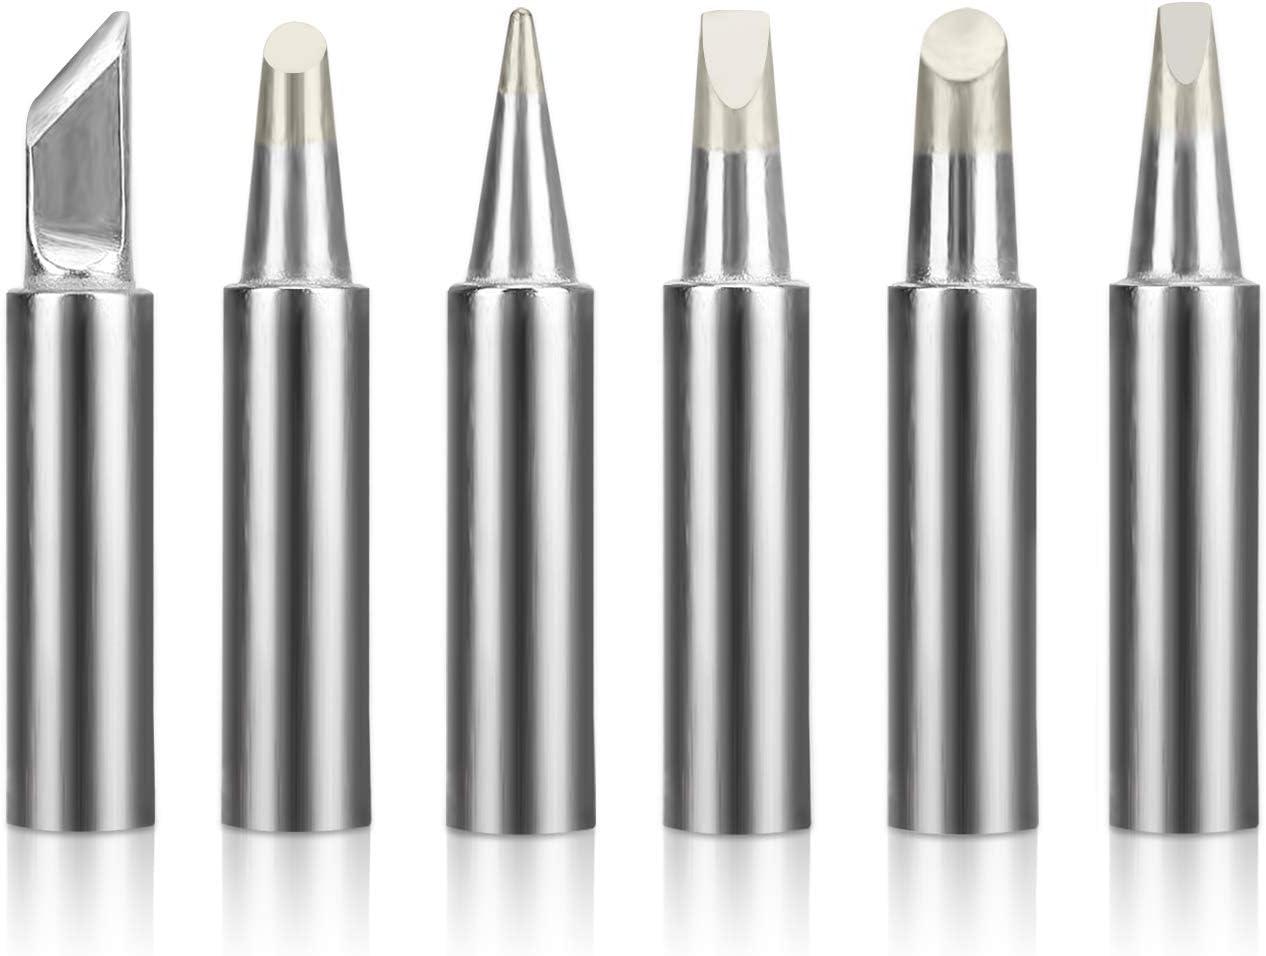 BEST Replacement HAKKO T18 Soldering Tip For HAKKO FX-888D FX-888 FX-8801 5 pcs